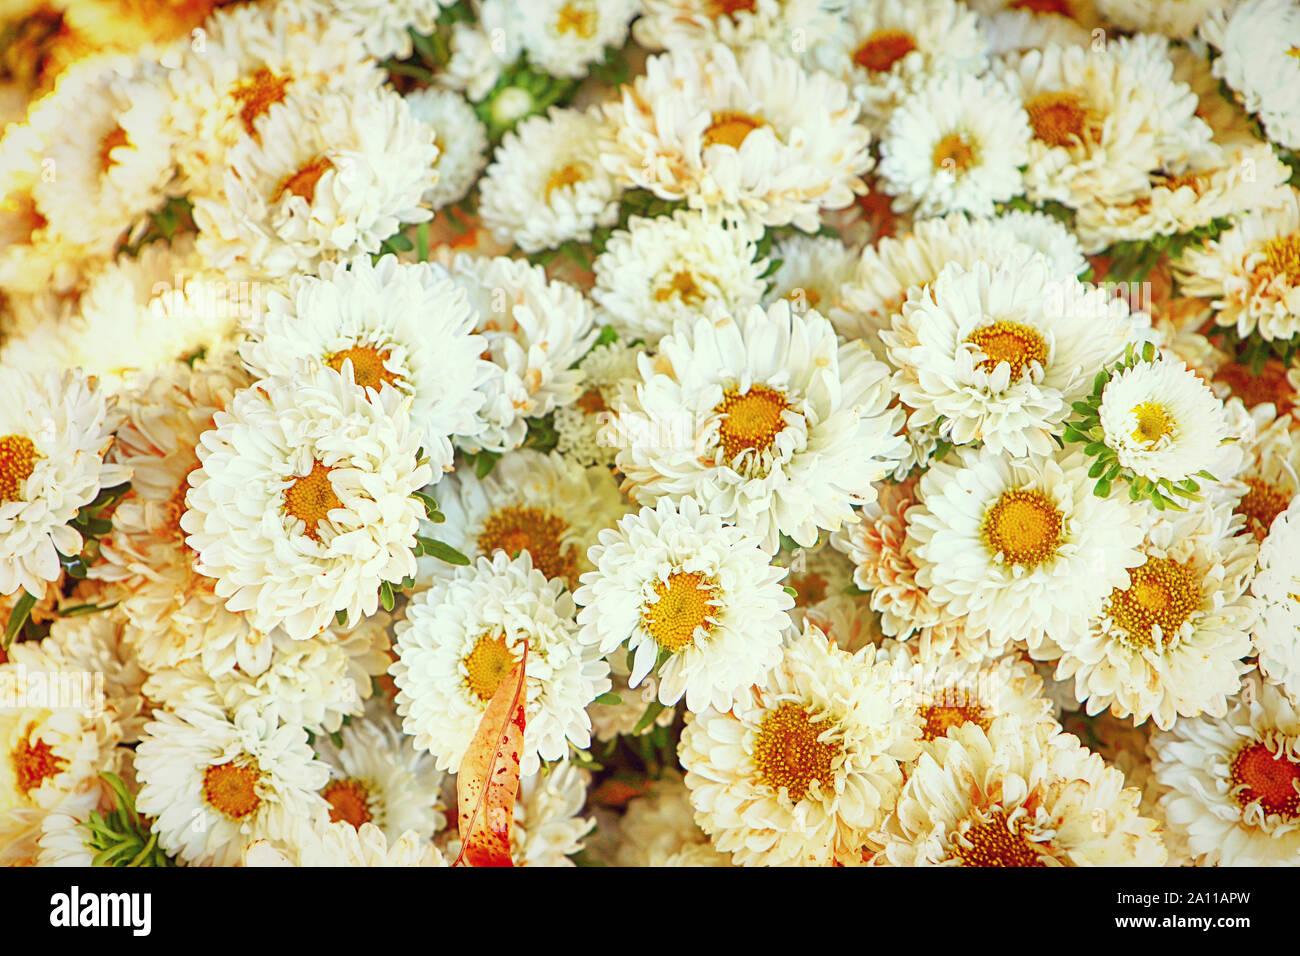 La culture intensive des fleurs en Bavière: aster lumineux fleurs en été et prêt pour le marché floral, fond nature Banque D'Images